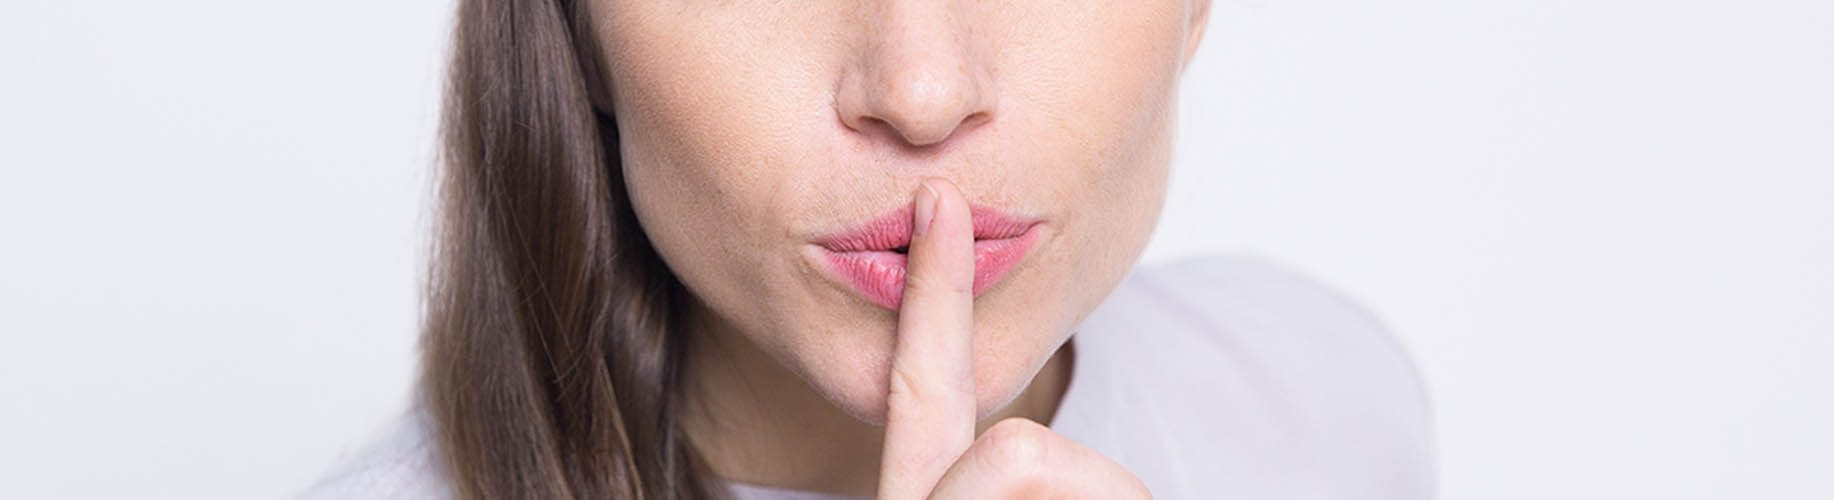 Politique de confidentialité -Julie Saba, formatrice webmarketing